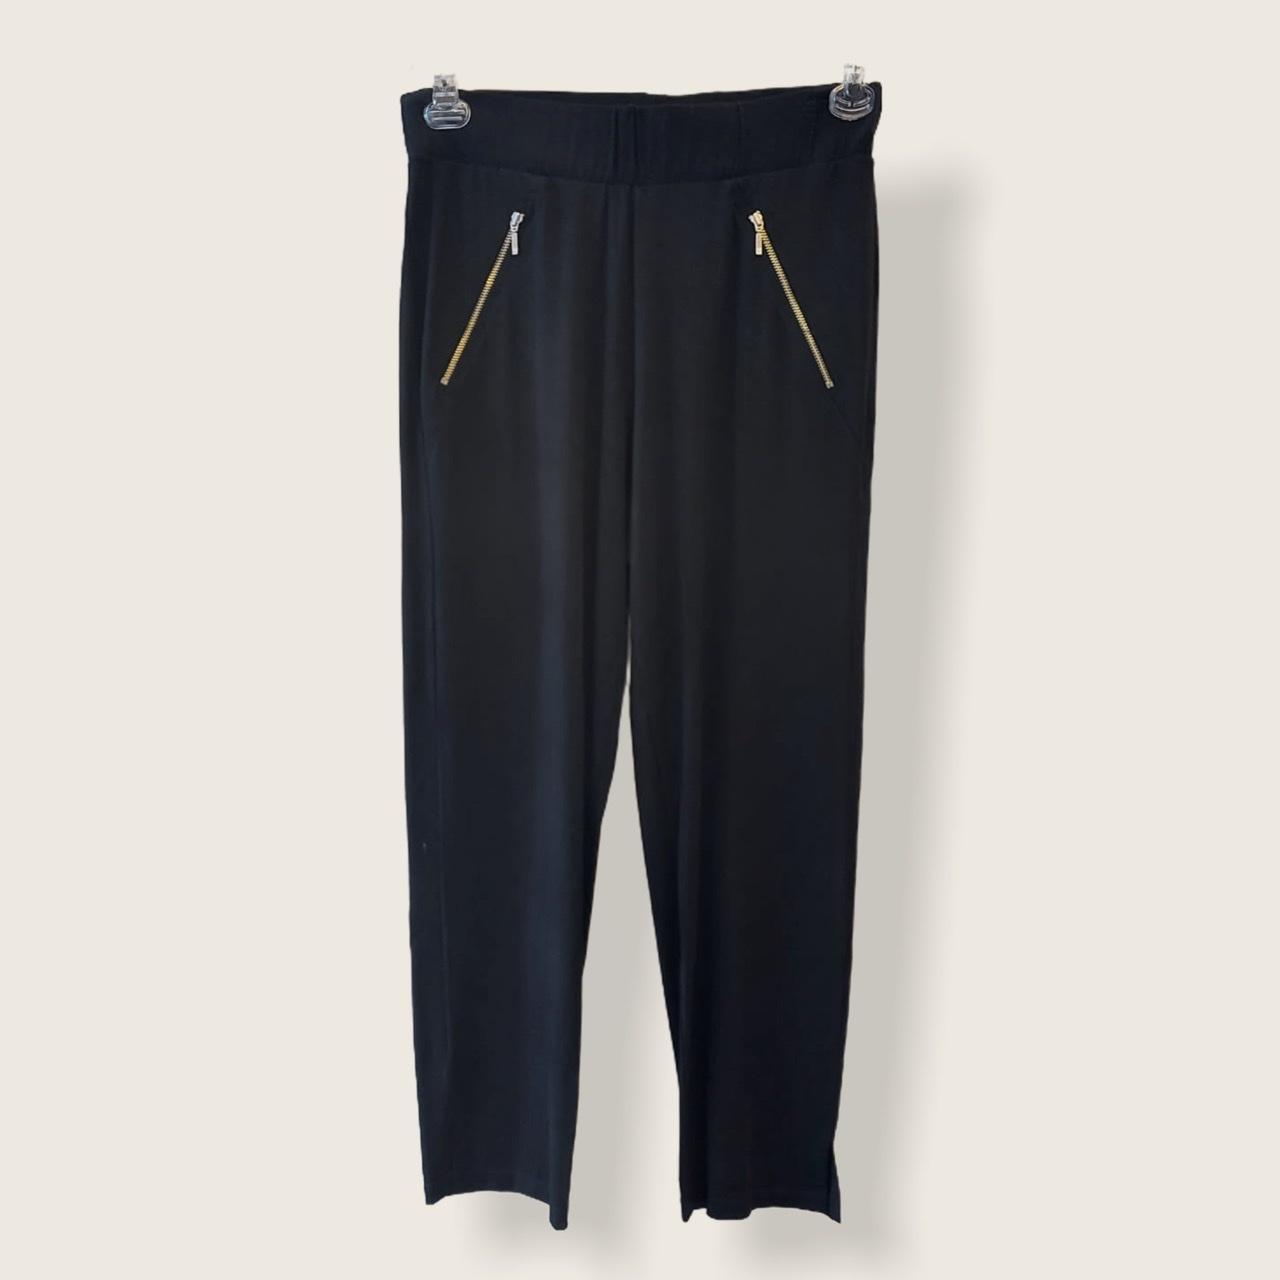 Calça detalhe ziper preta